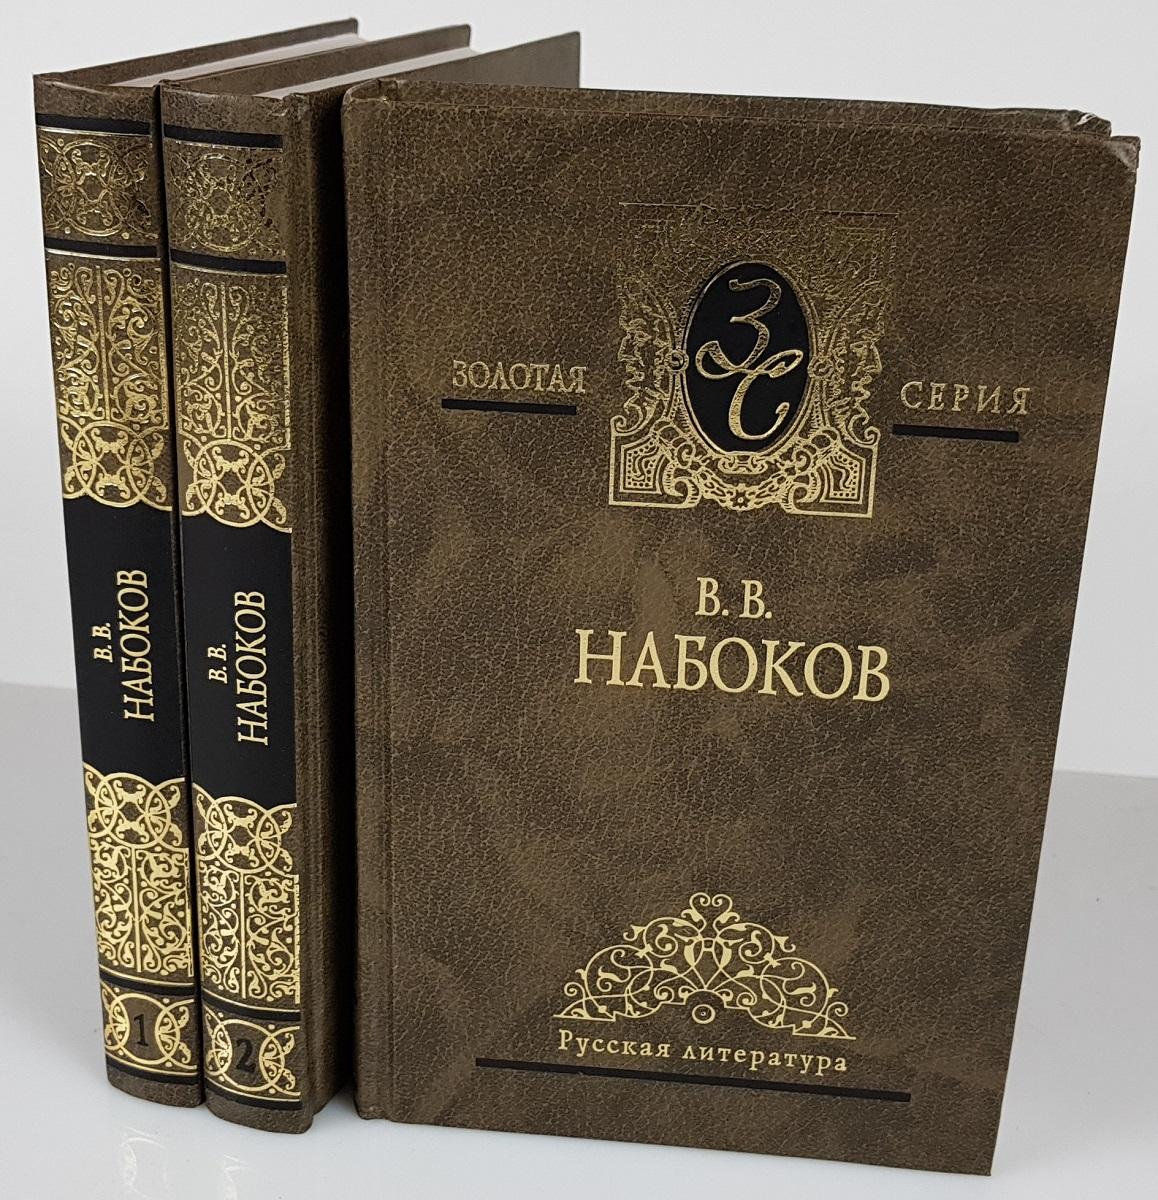 В. В Набоков В. В. Набоков. Избранные сочинения в 3 томах (комплект) владимир набоков отчаяние